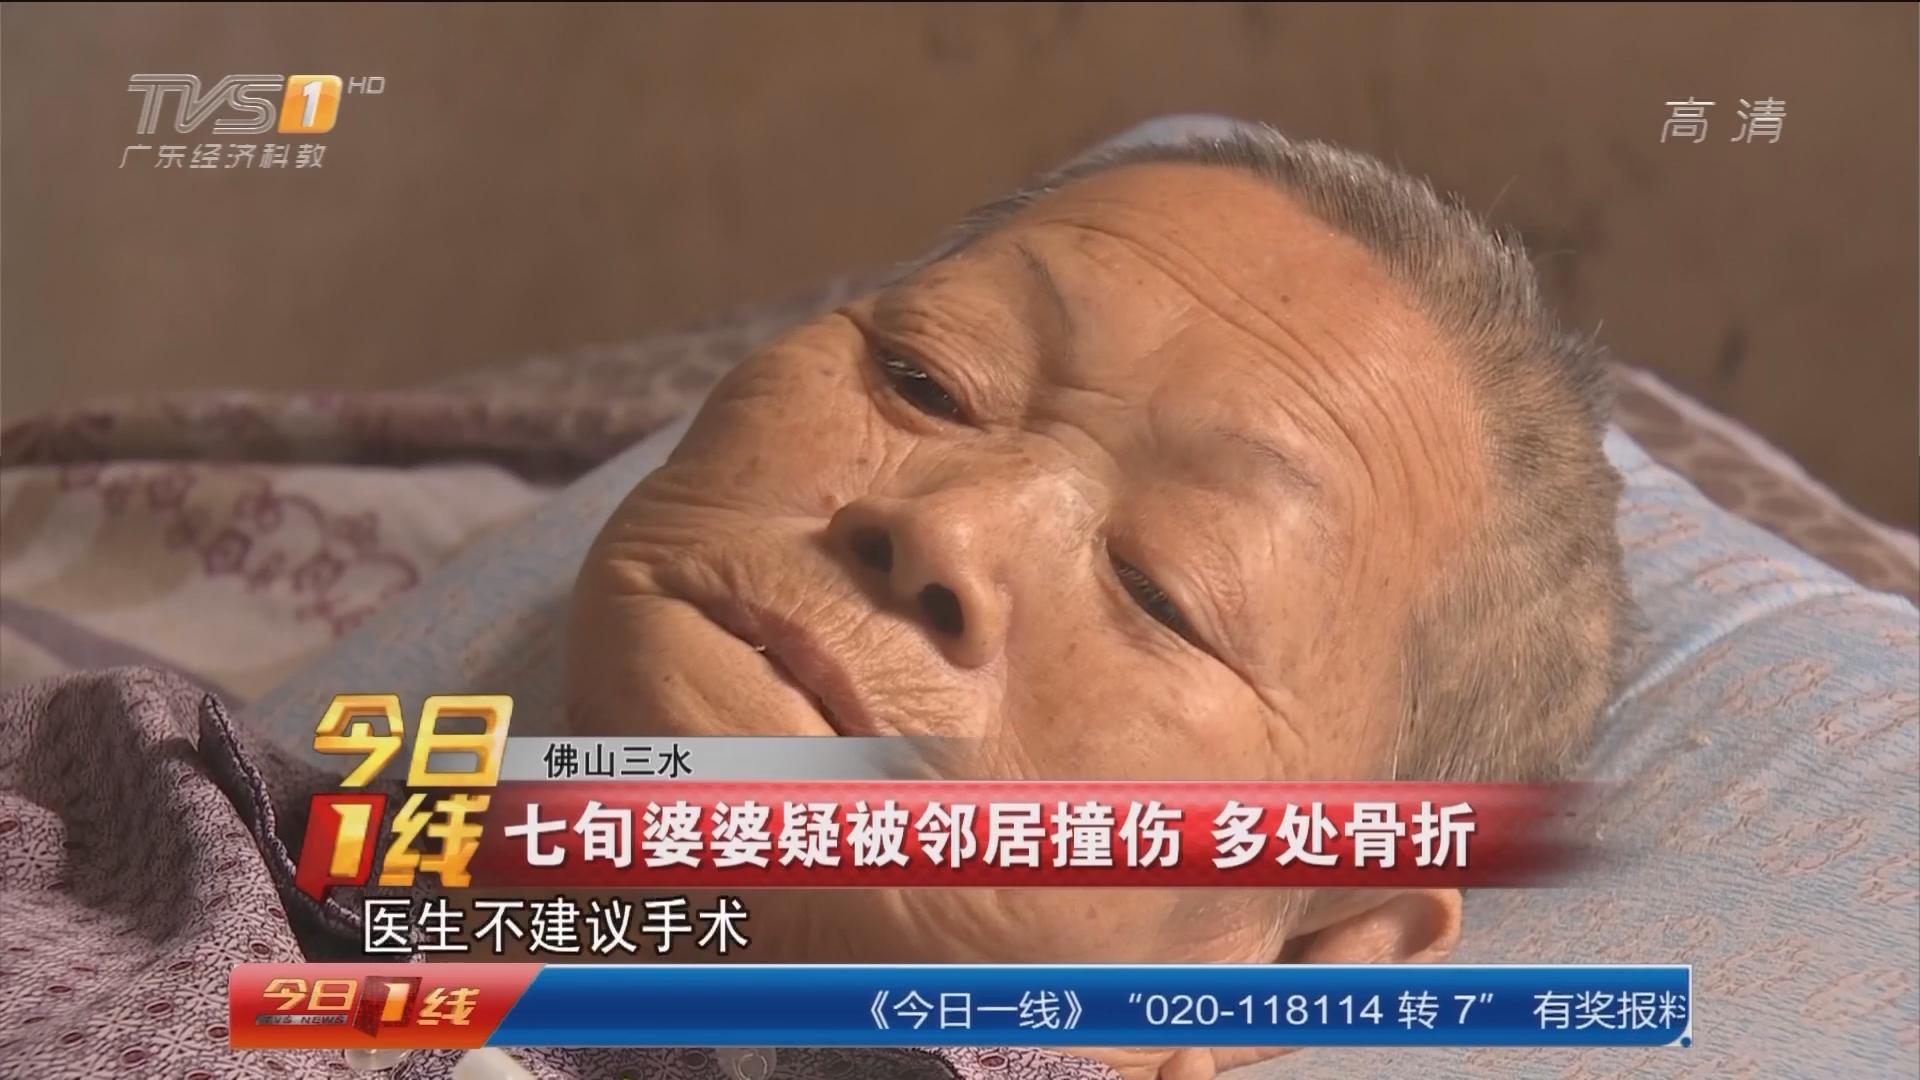 佛山三水:七旬婆婆疑被邻居撞伤 多处骨折